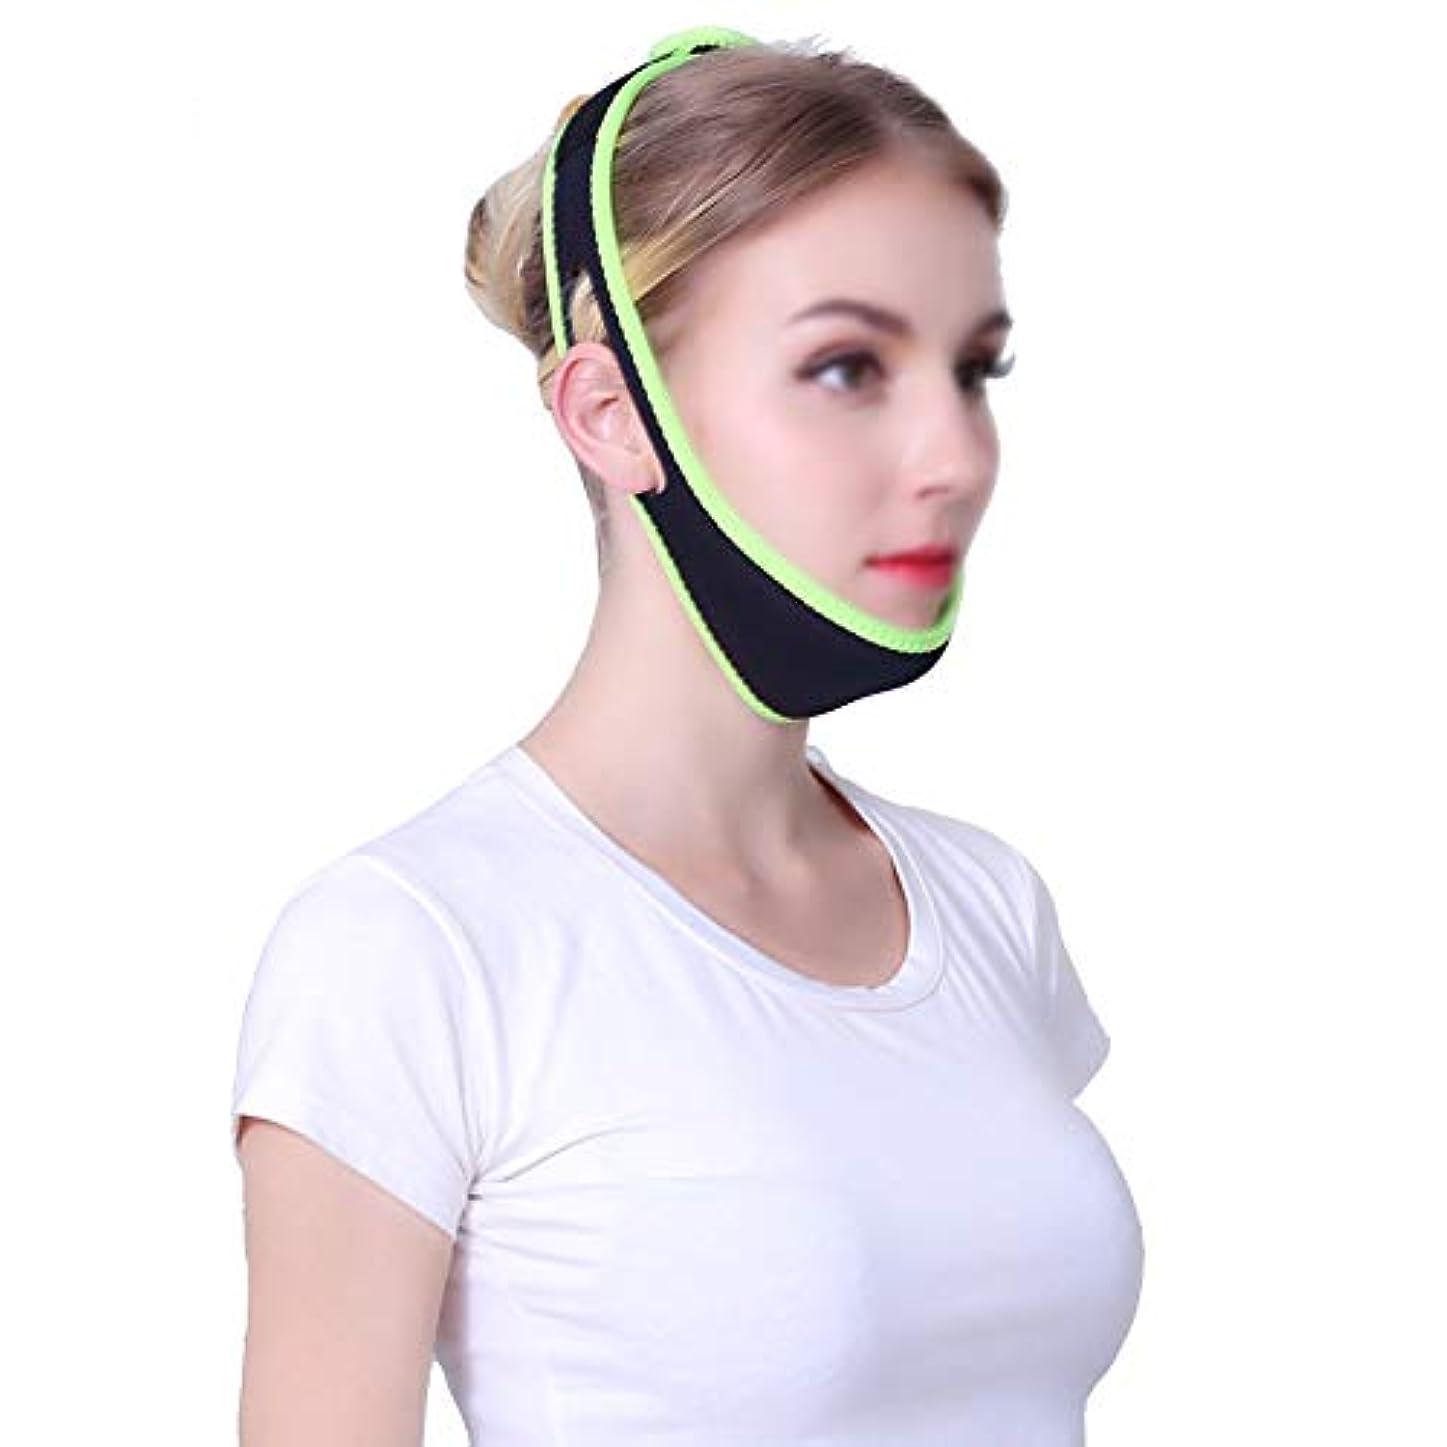 まっすぐピアノを弾く発明LJK 引き締めフェイスマスク、リフティングマスク引き締めクリームフェイスリフトフェイスメロンフェイス楽器と小さなvフェイスアーティファクト睡眠薄いフェイス包帯マスク